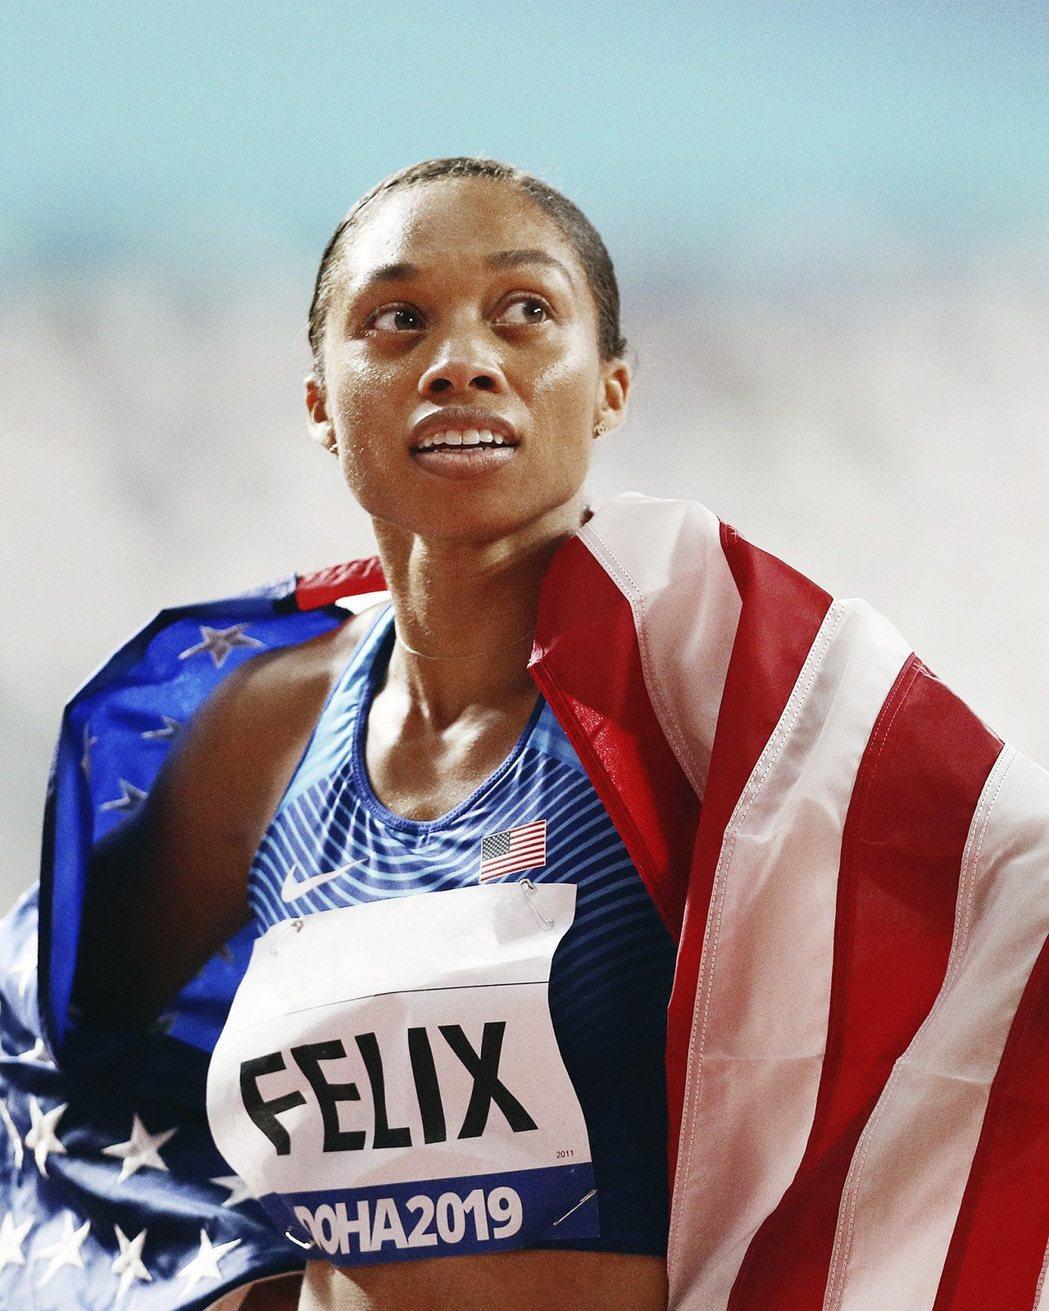 六面奧運金牌田徑選手 Allyson Felix。 Airbnb /提供